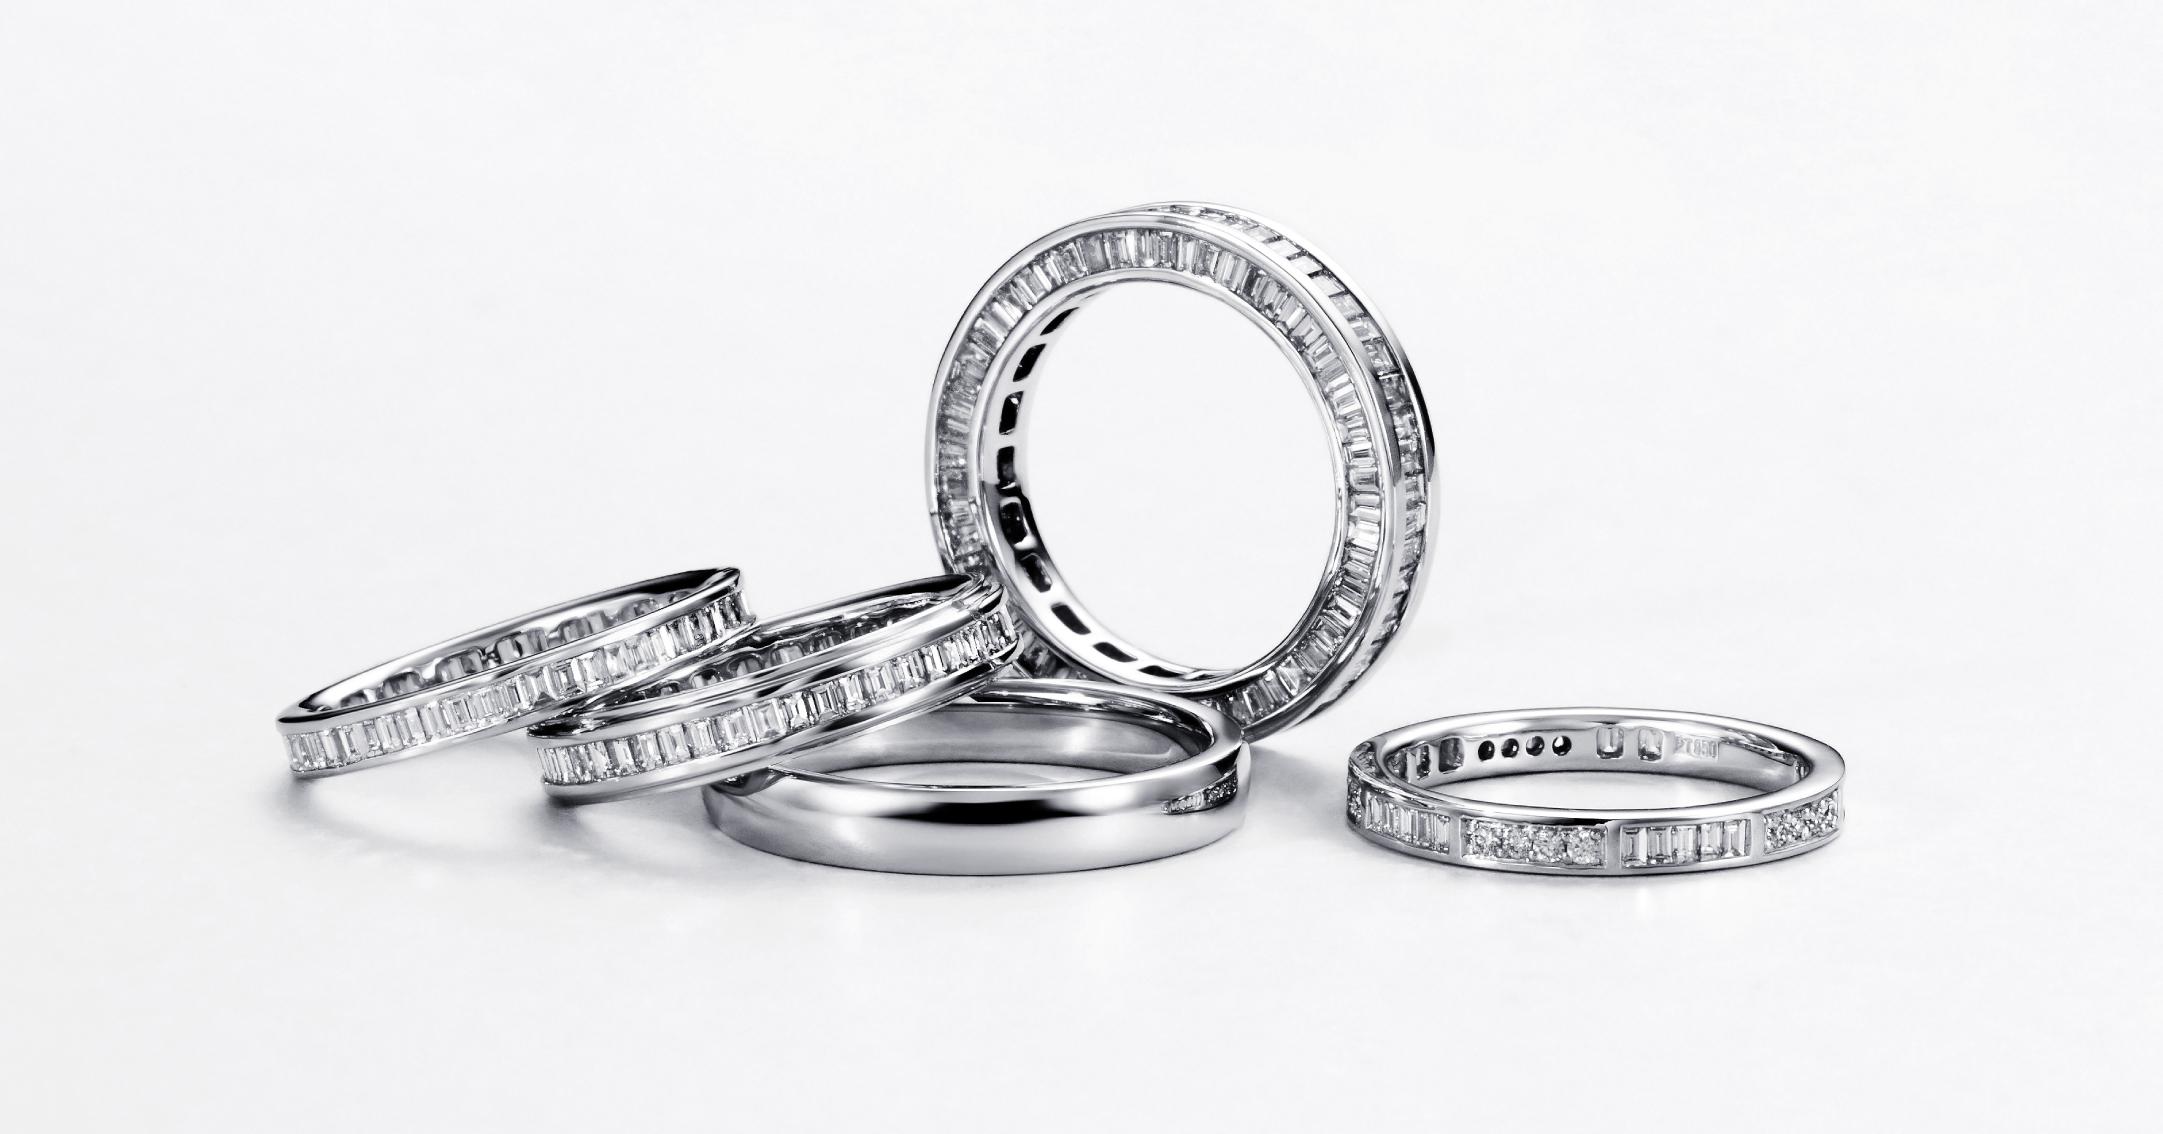 高品質なダイヤと職人の匠の技による上質な輝き